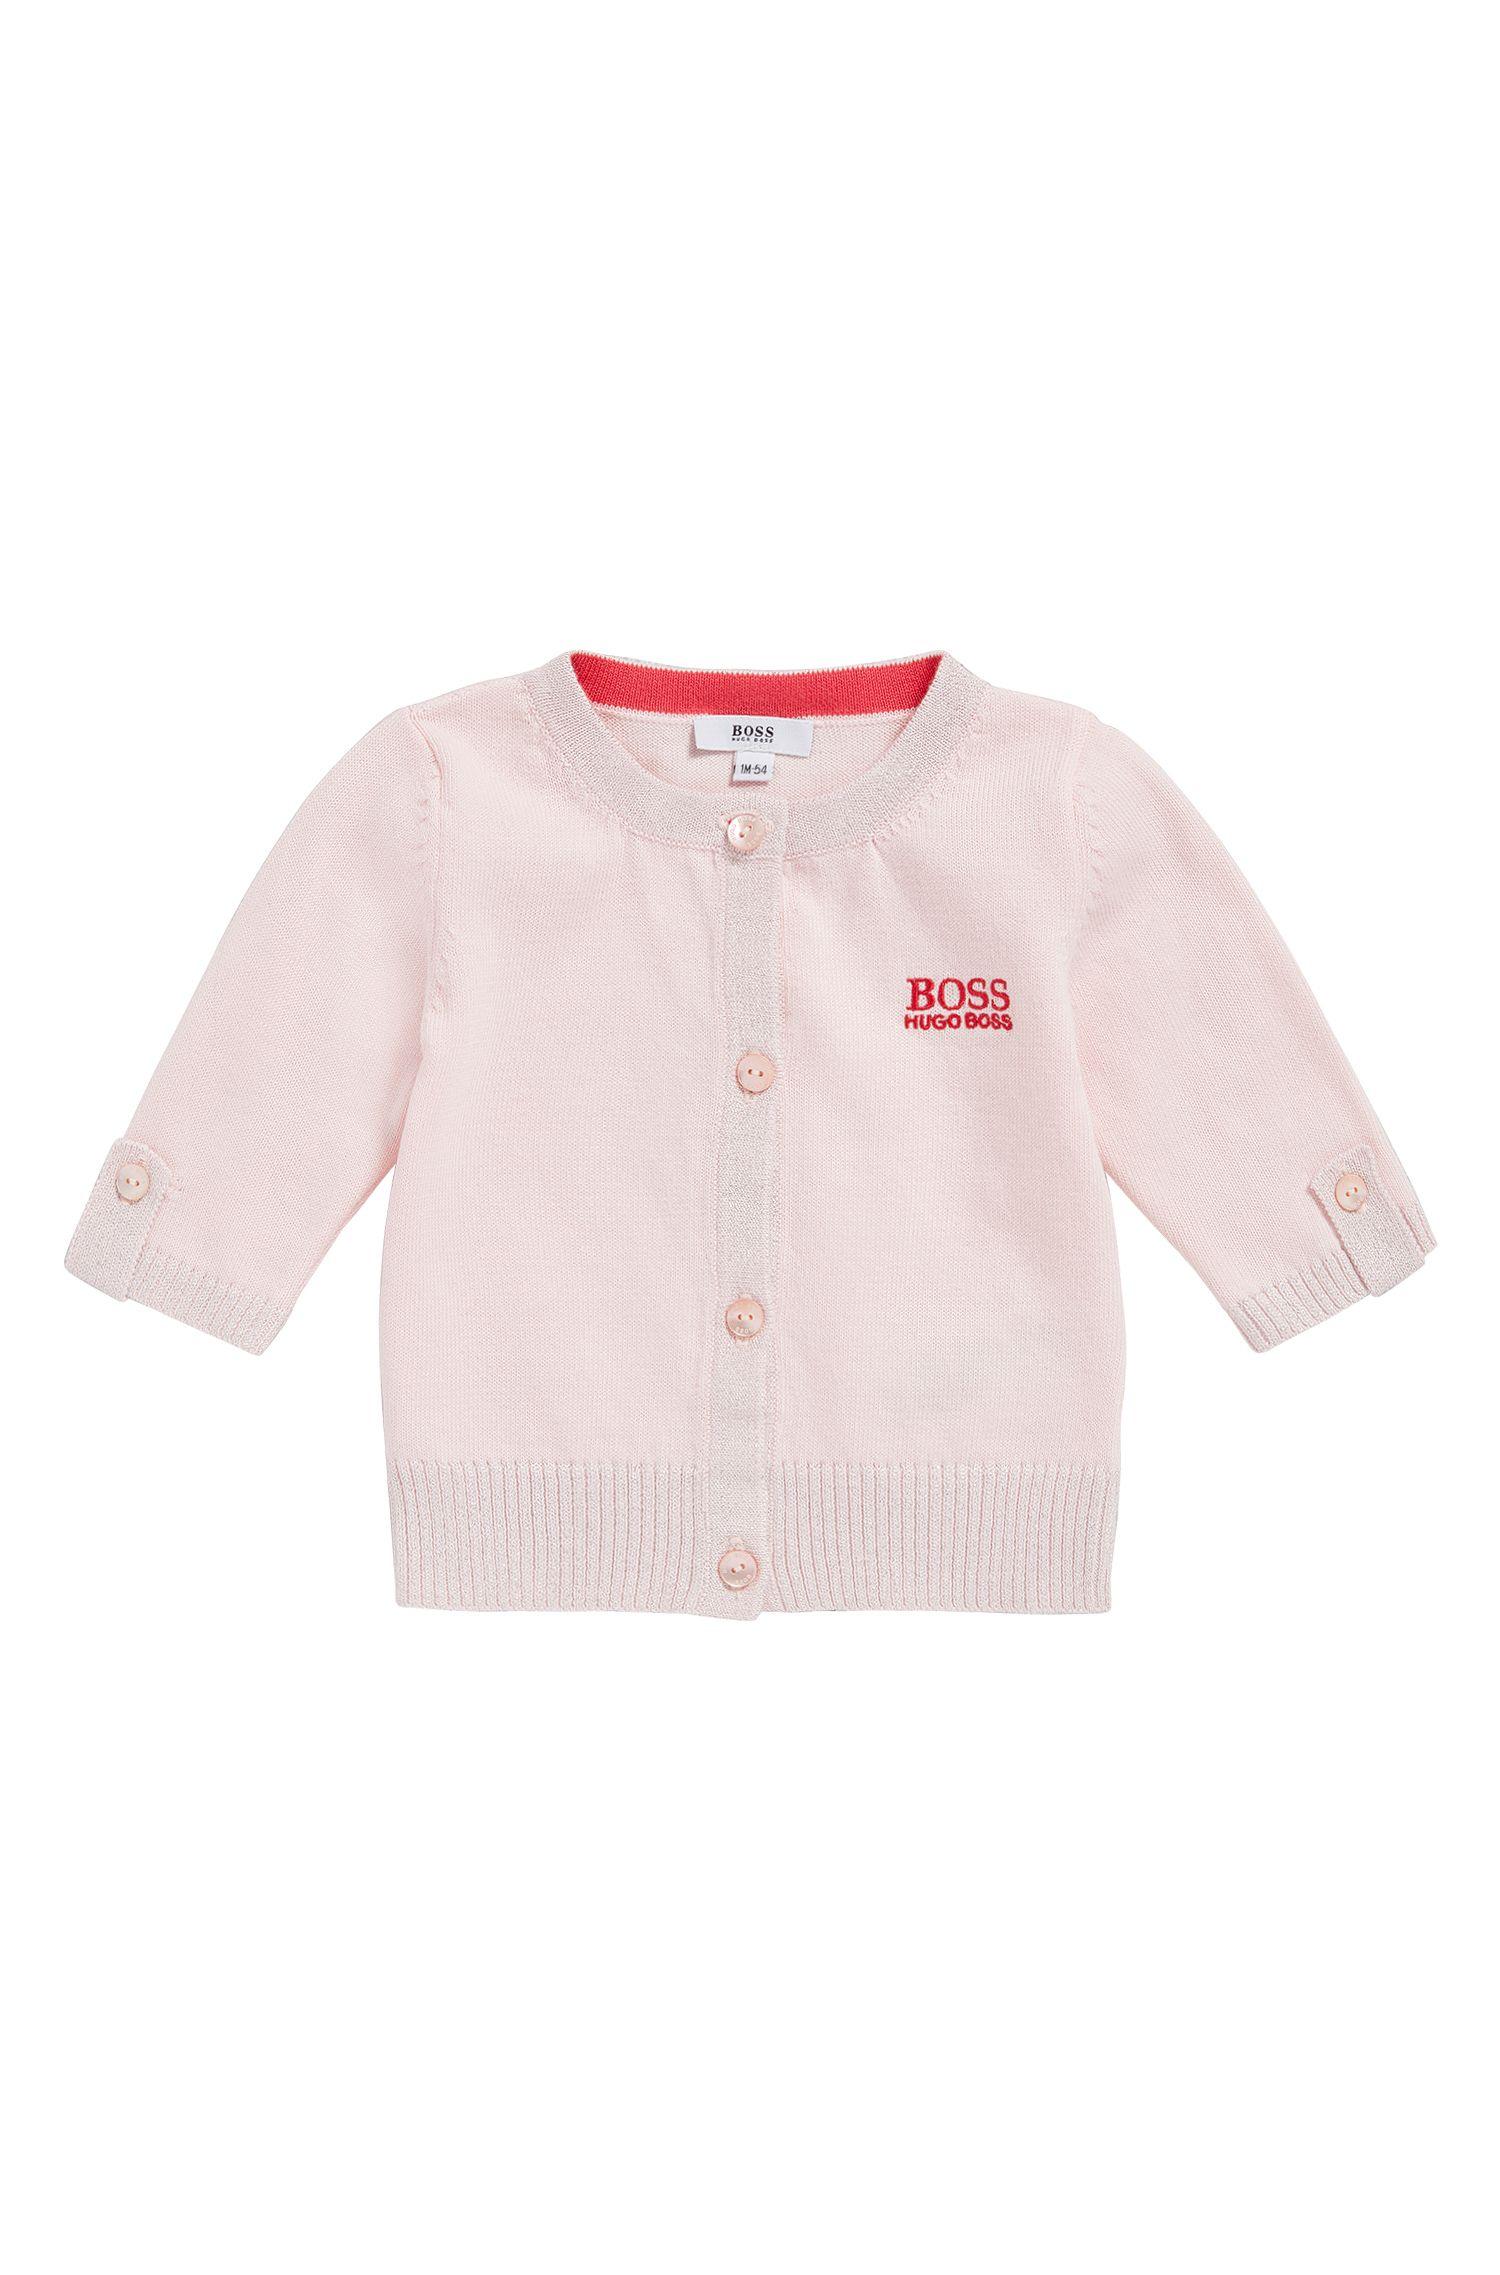 Chaqueta de punto para bebé en mezcla de algodón con puños brillantes: 'J95206'